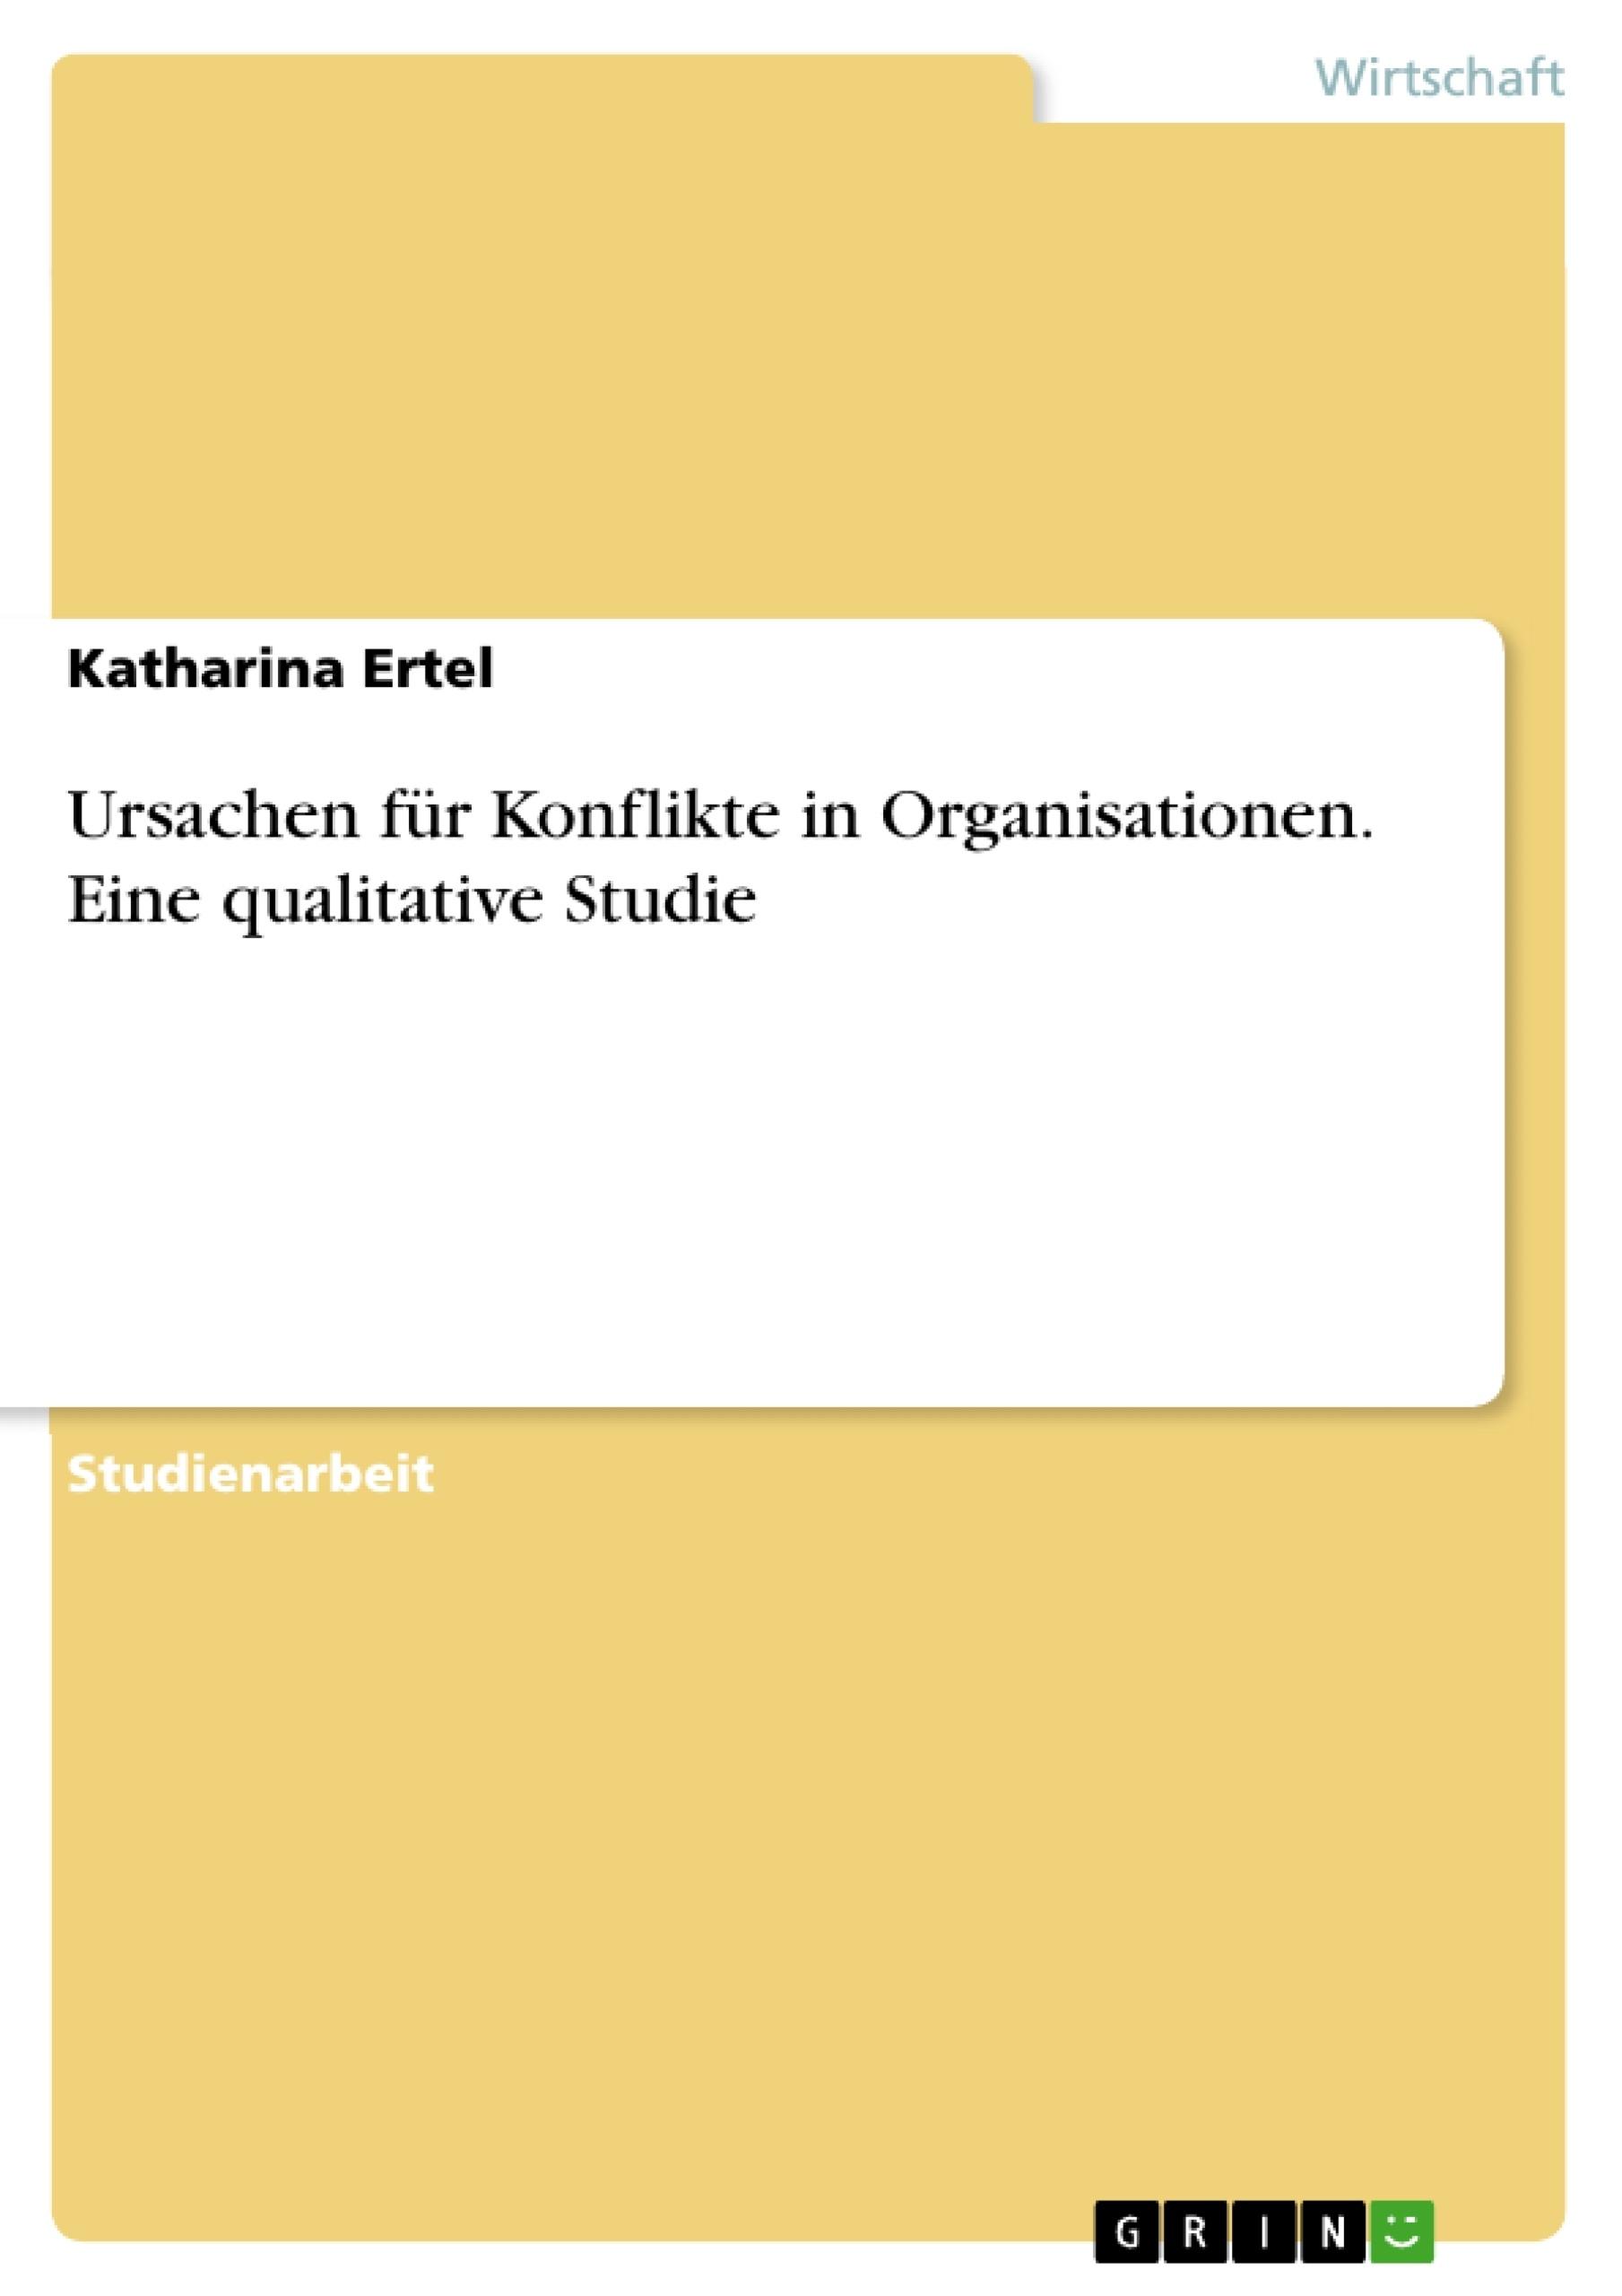 Titel: Ursachen für Konflikte in Organisationen. Eine qualitative Studie